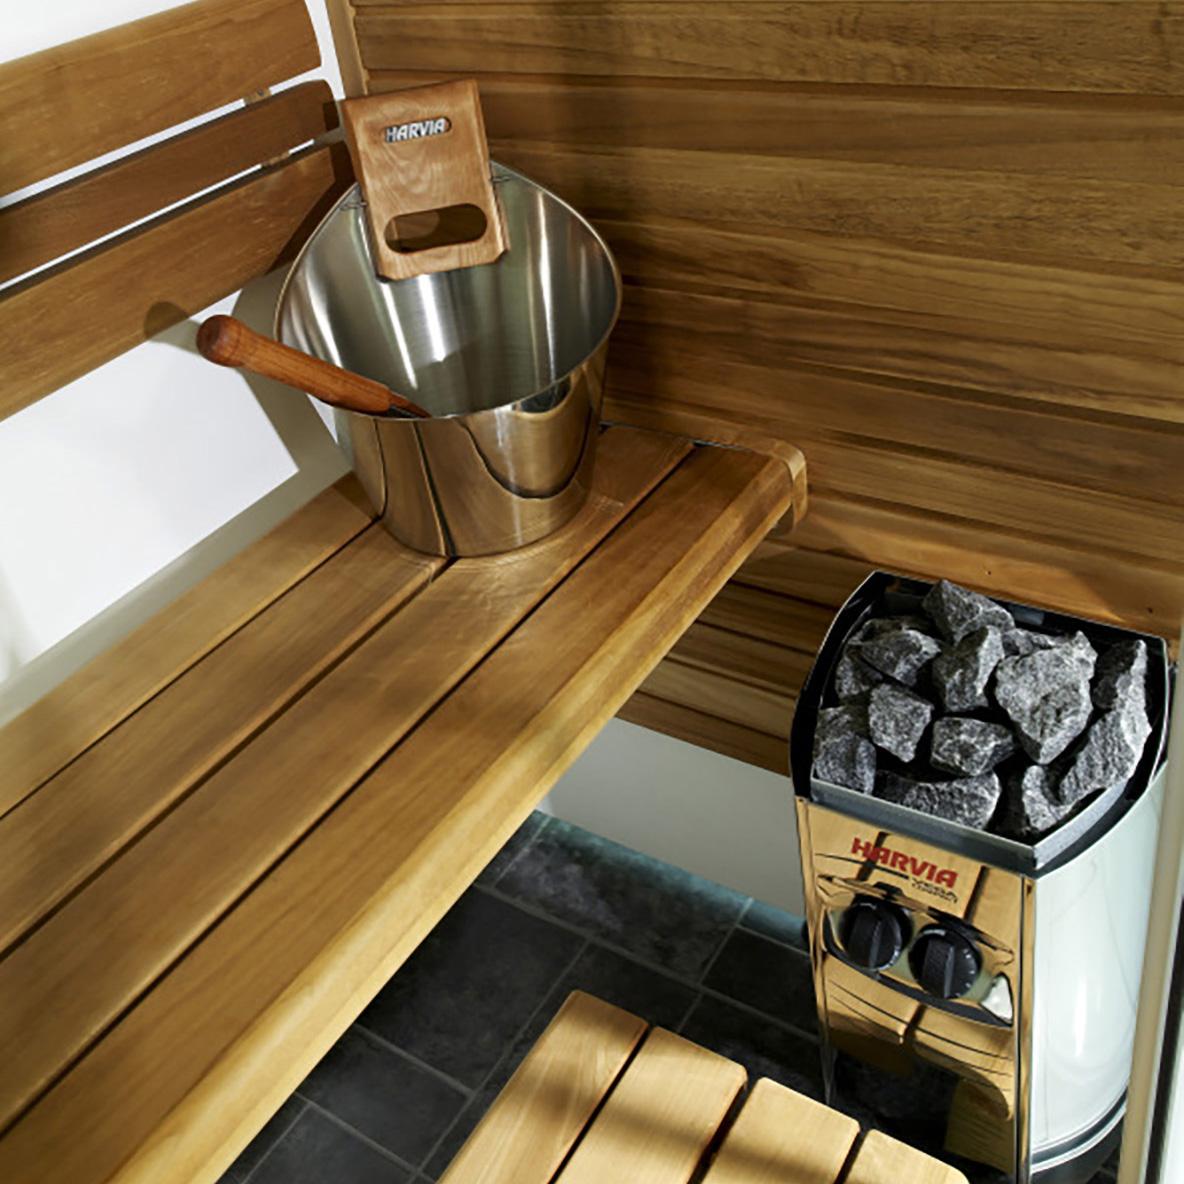 Електрическа печка за сауна серия Harvia Vega Compact 2